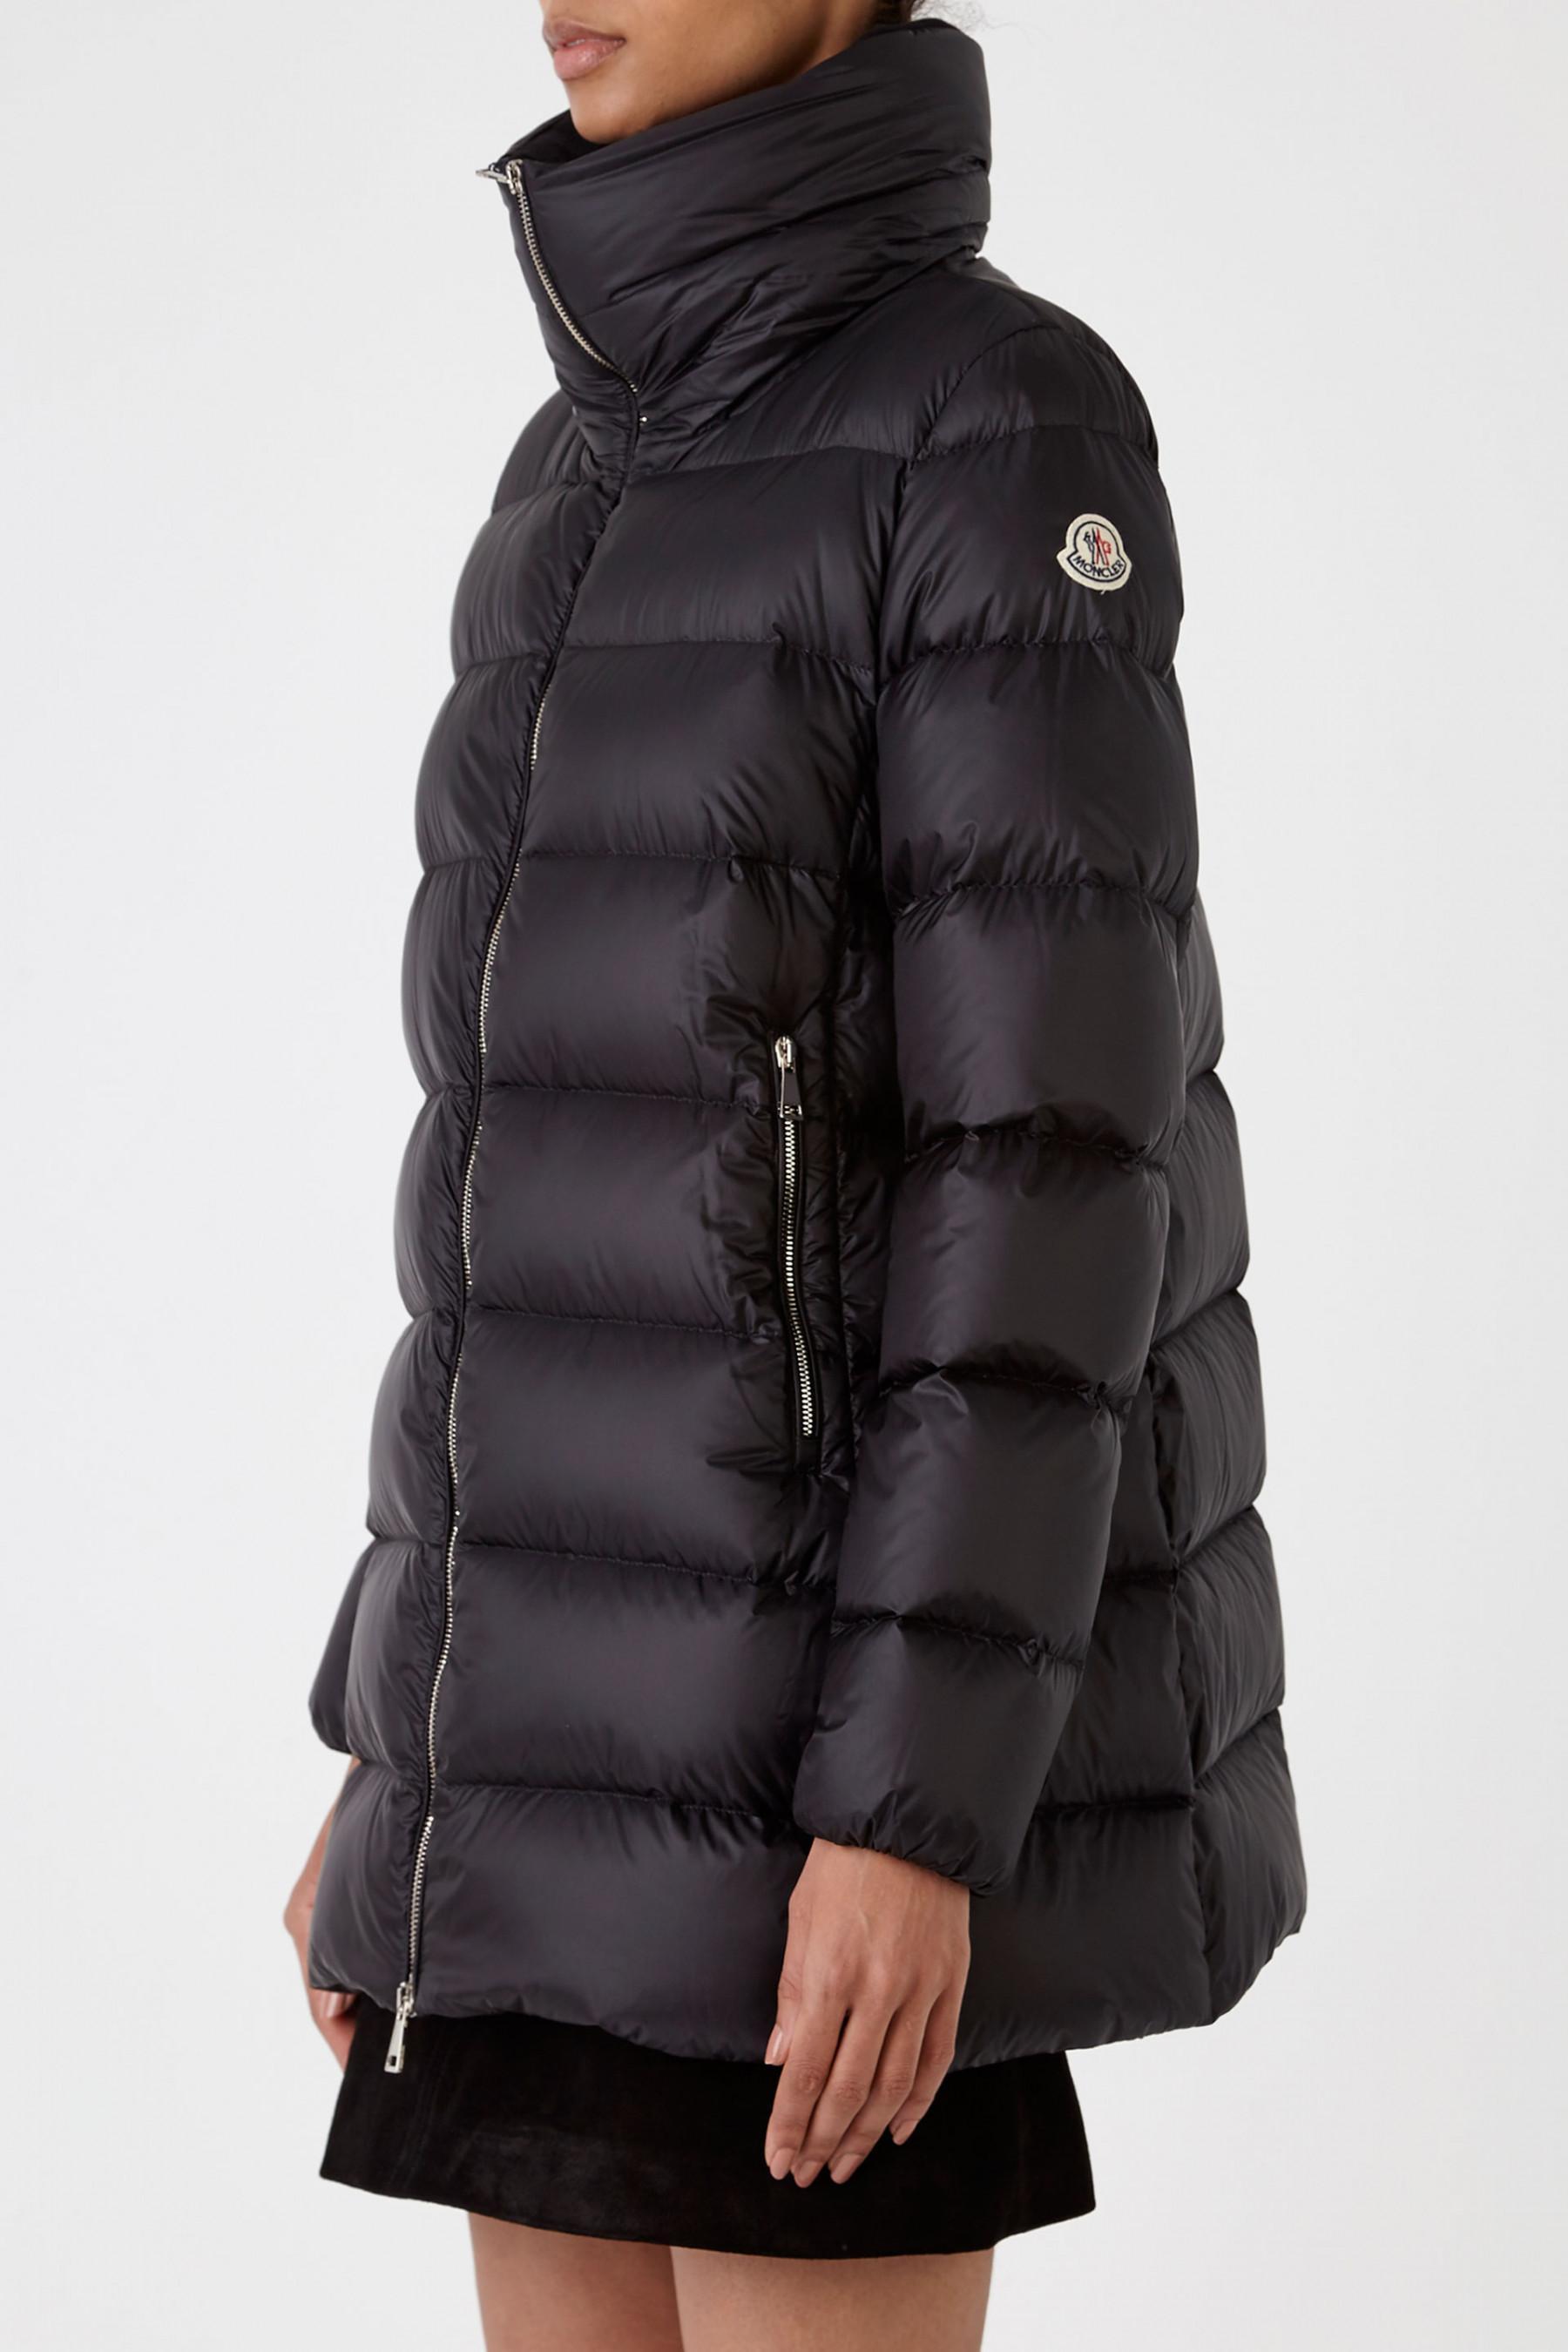 moncler jackets yoox promo for sale. Black Bedroom Furniture Sets. Home Design Ideas